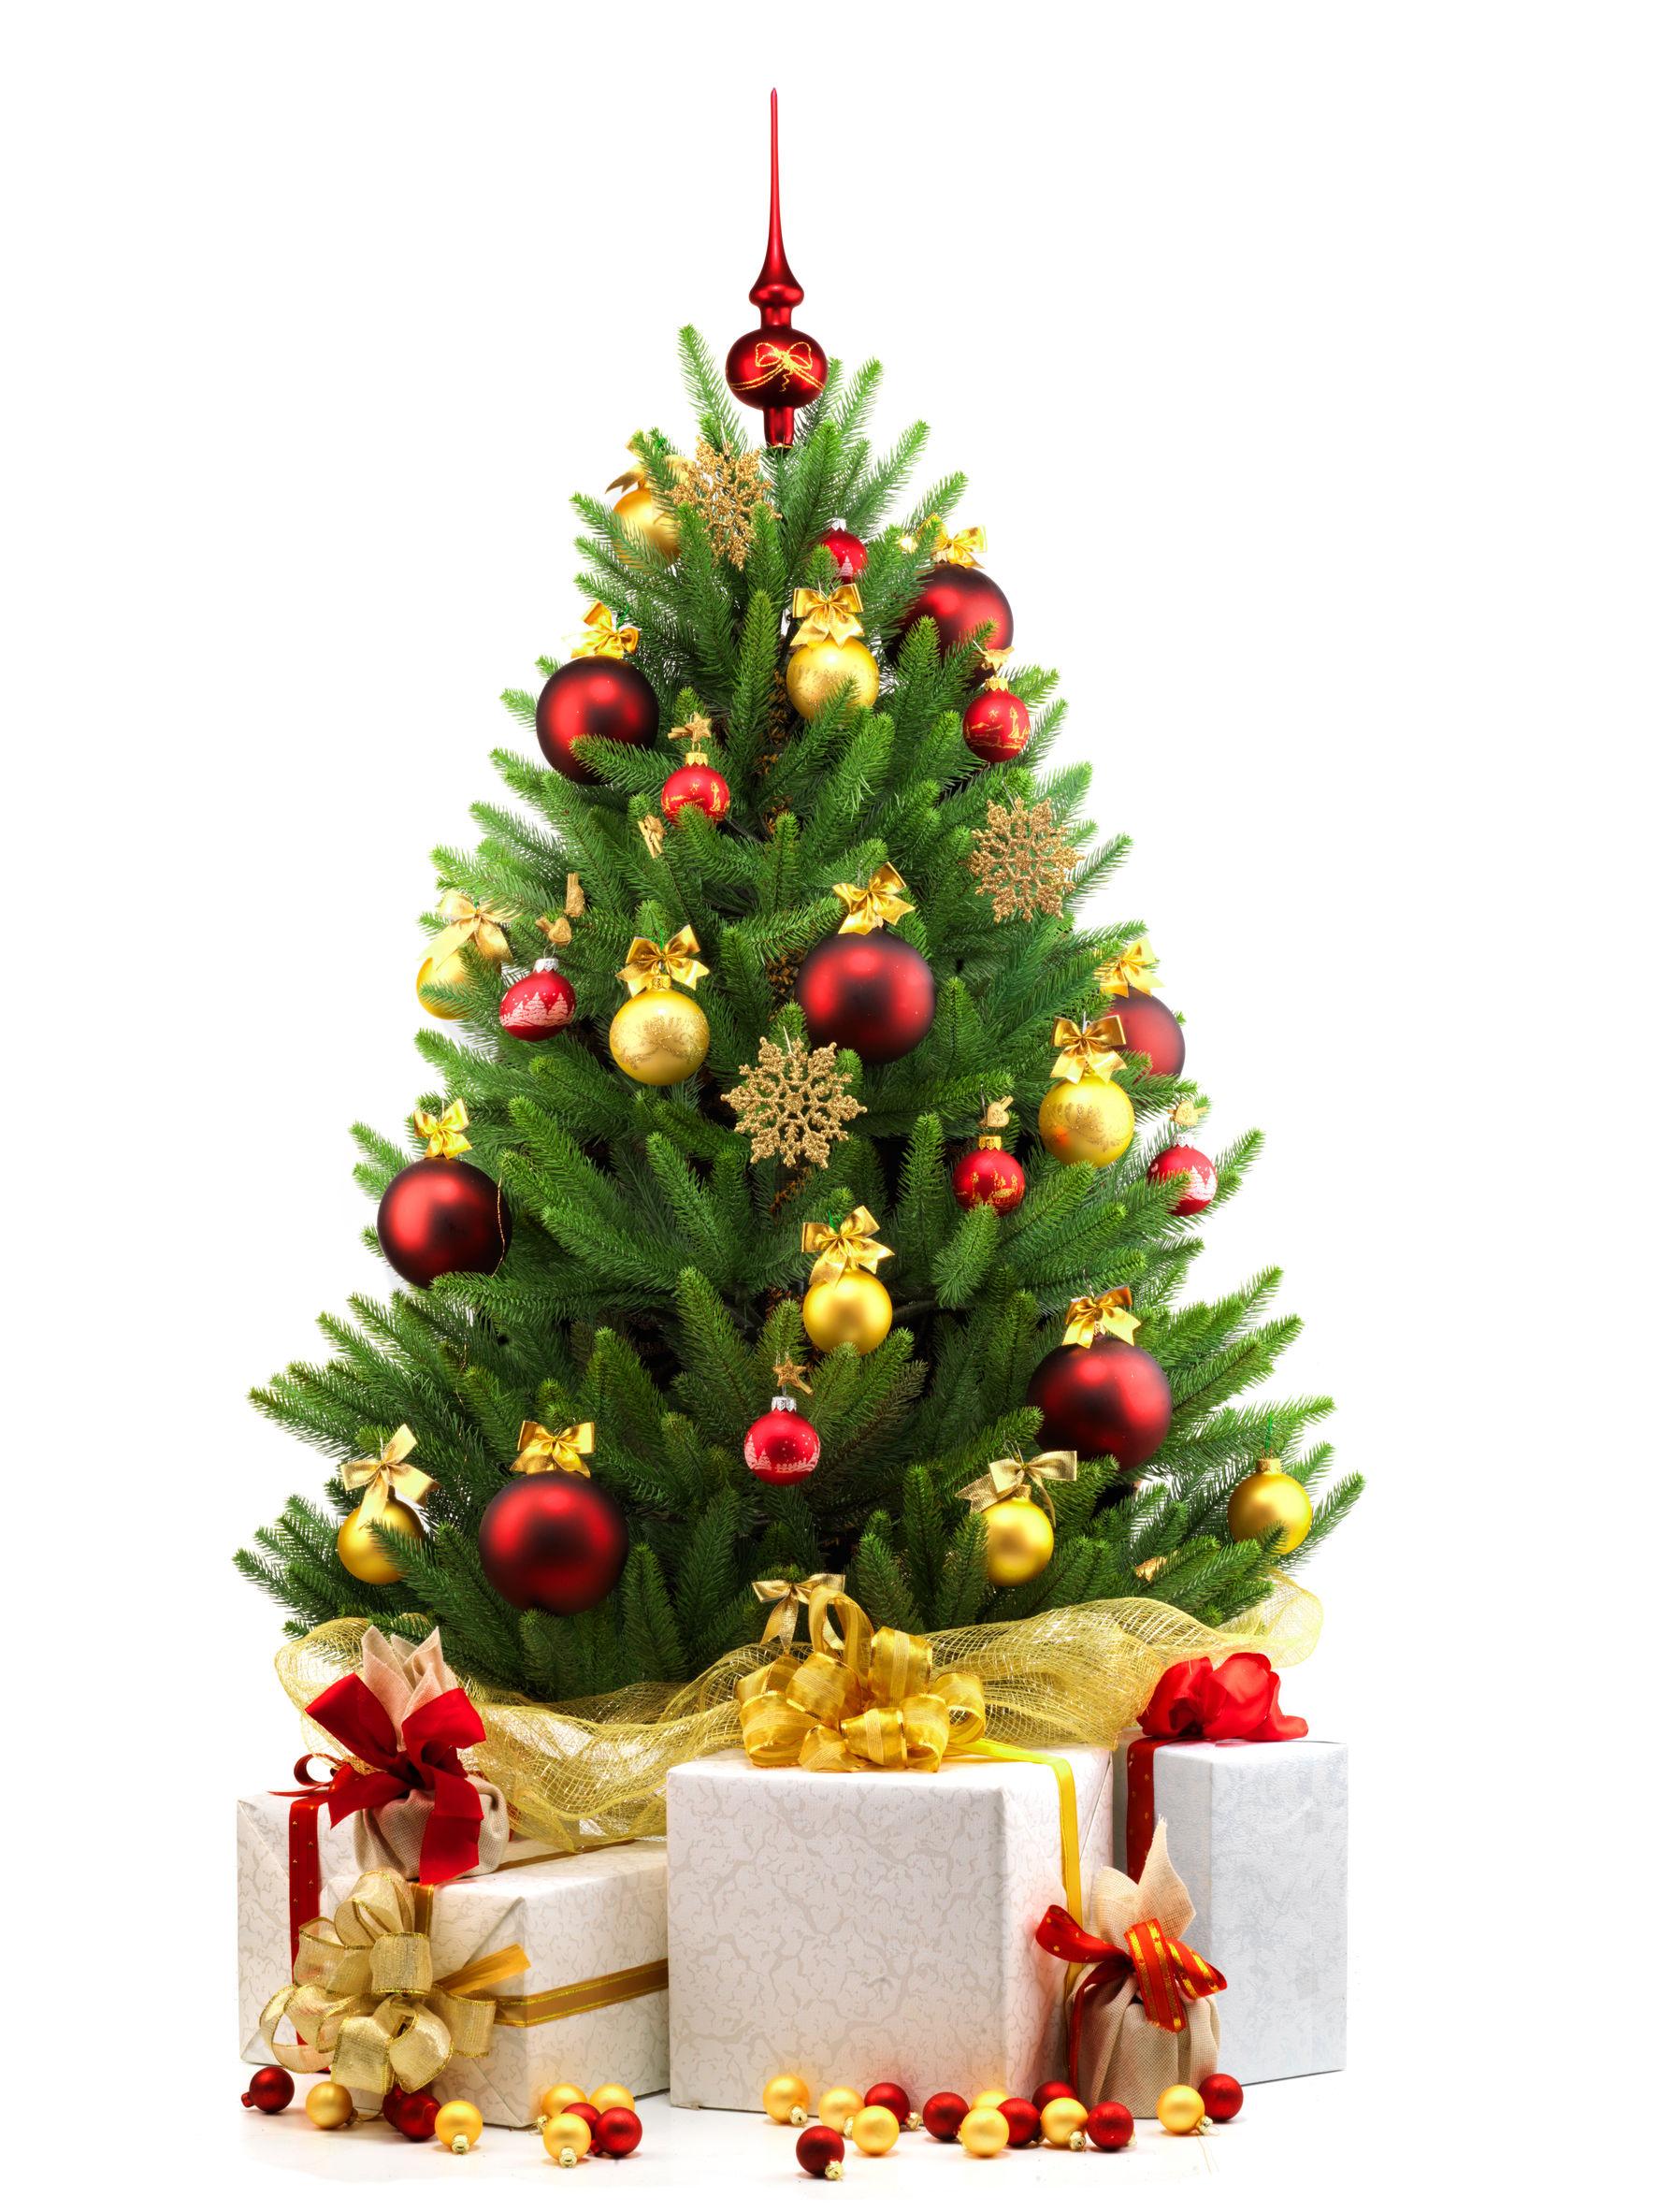 Ways to take down your Christmas tree - Ladysmith Gazette